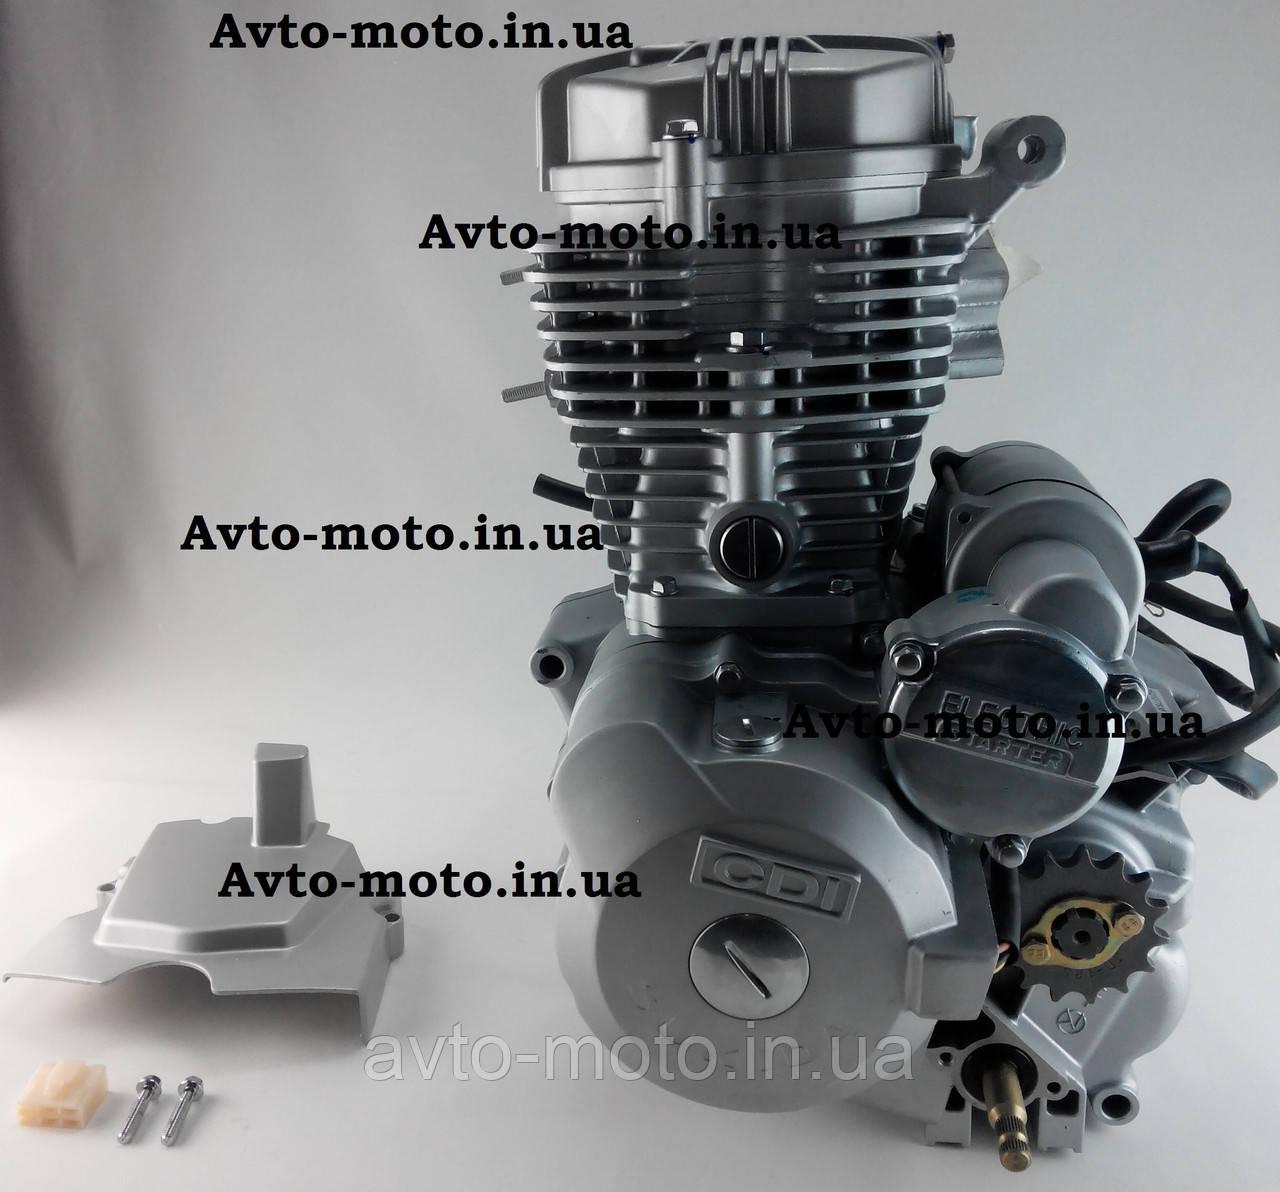 Двигатель мотоцикл СG-125 см3 (Минск)